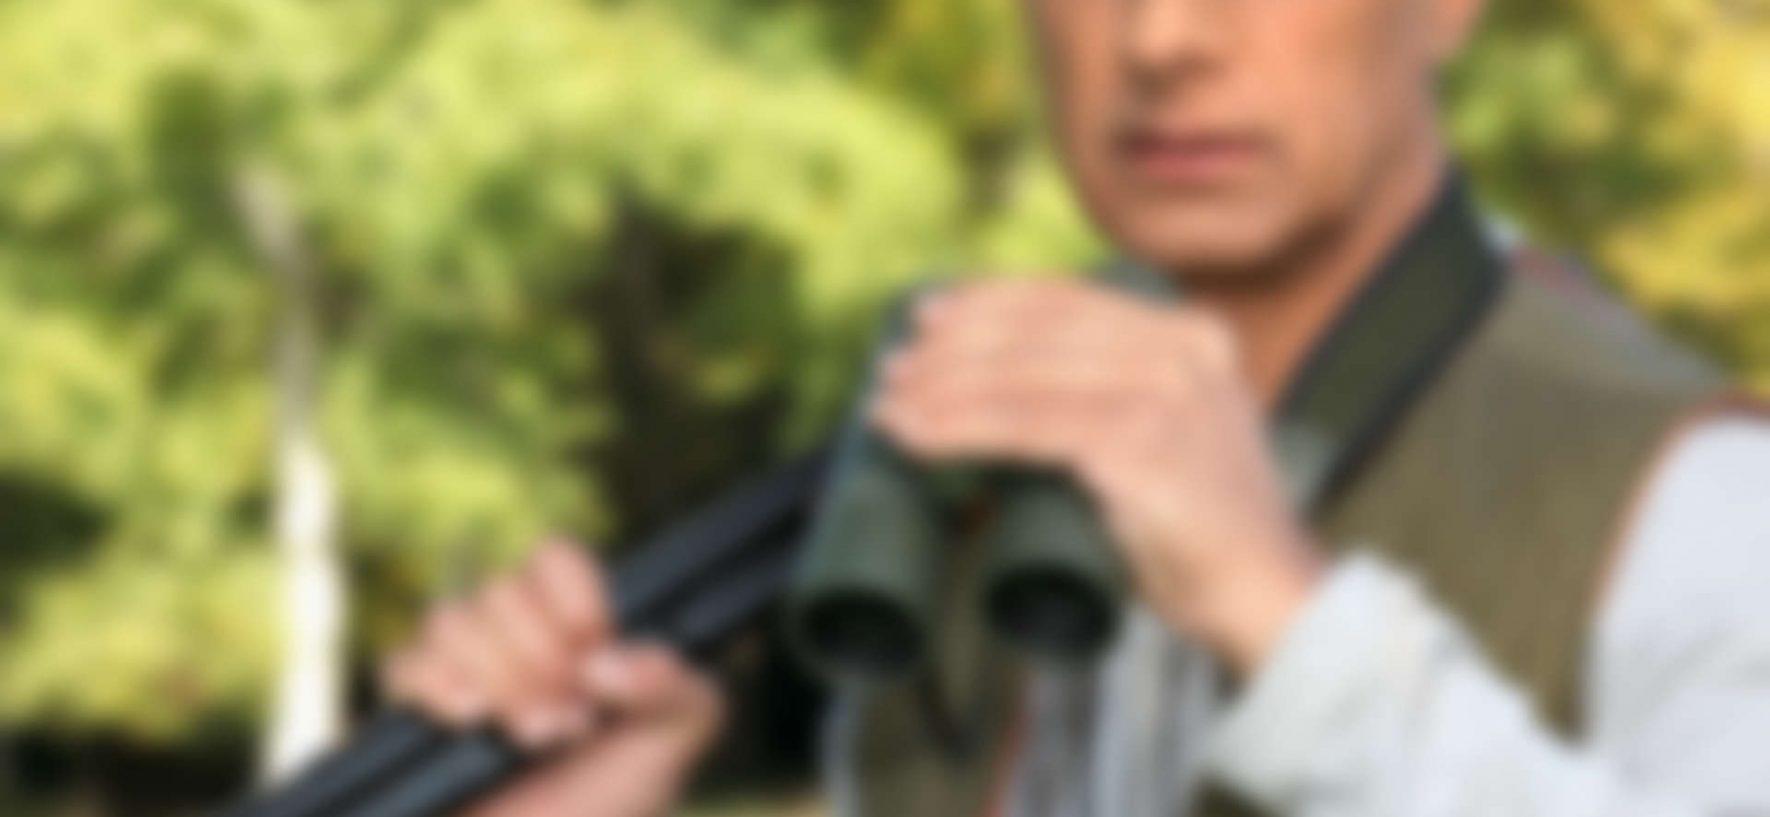 Vortex – Alexander Arms Rifle